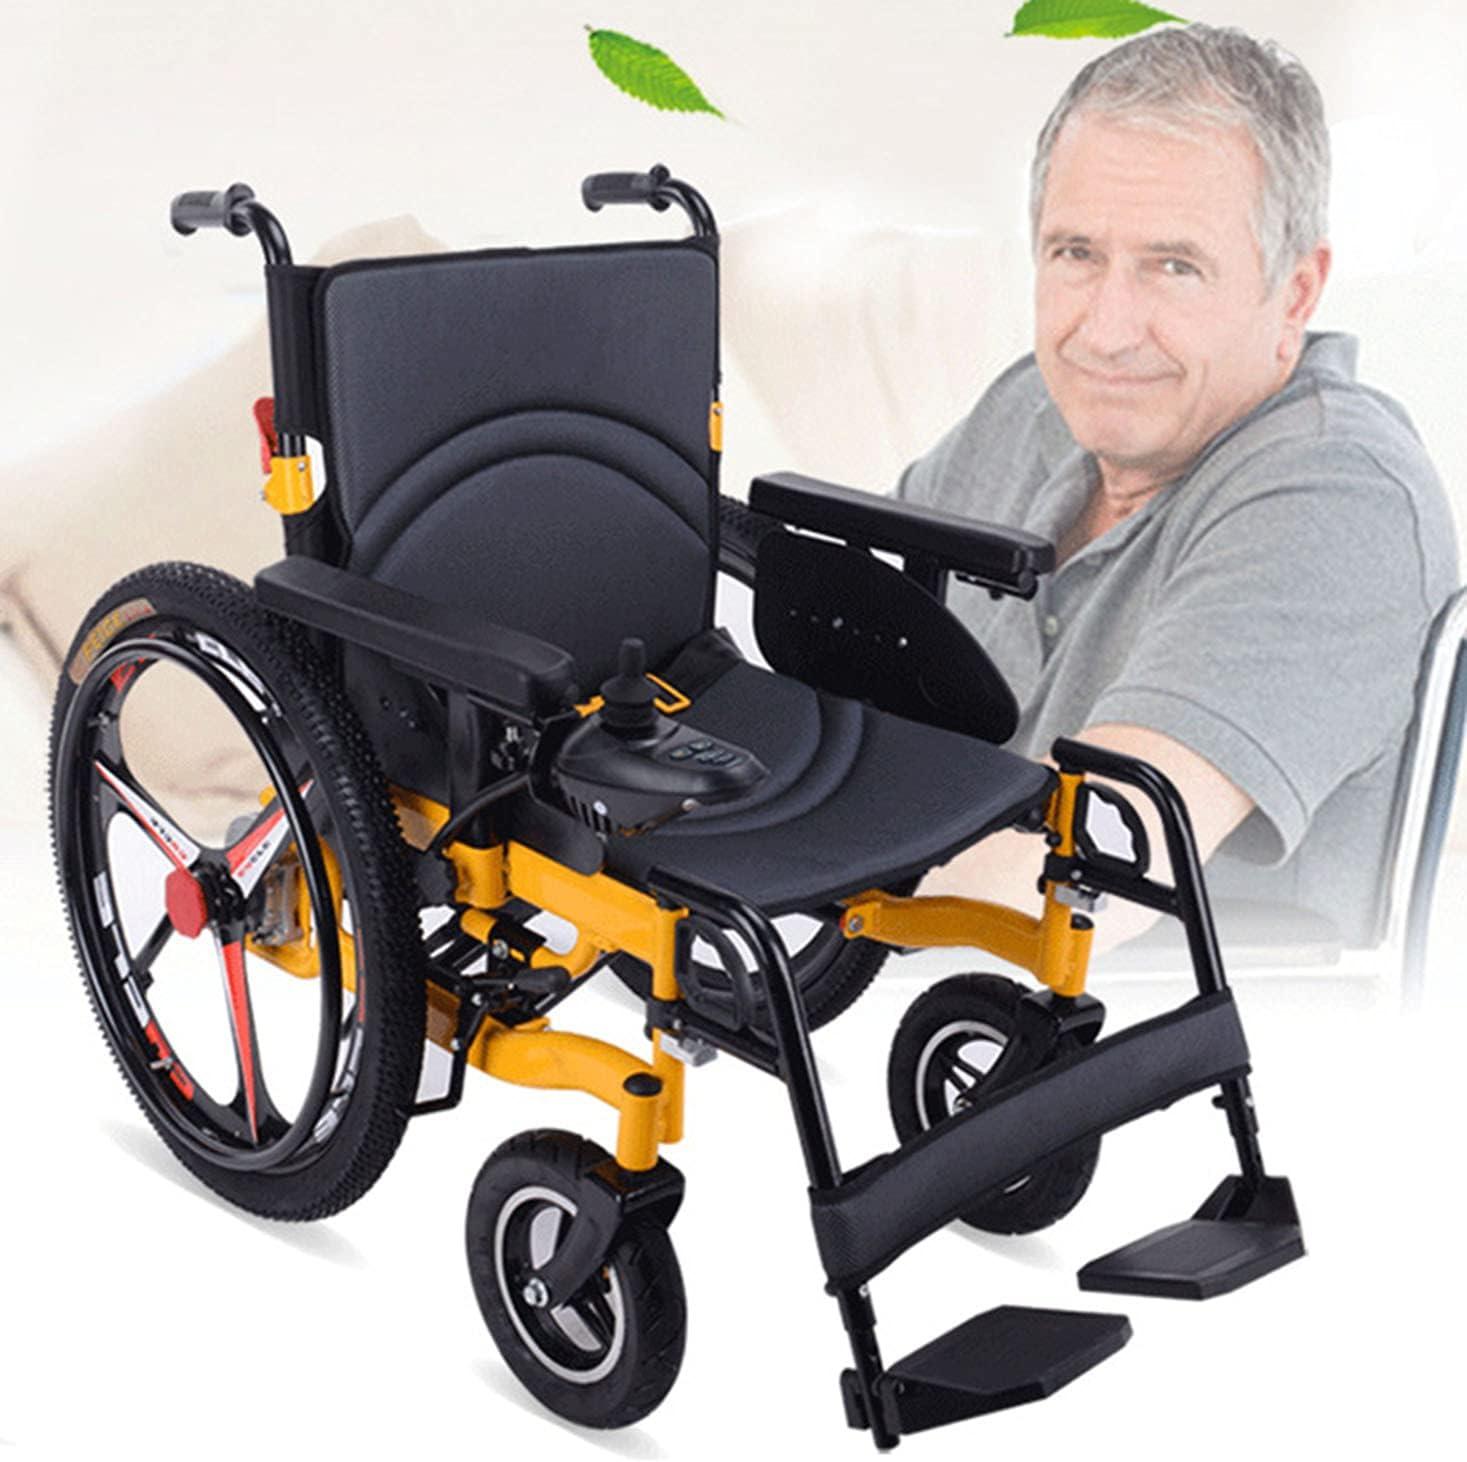 ASEDF 2021 Silla de Ruedas eléctrica Vehículo de Cuatro Ruedas Scooter Anciano Luz Plegable Elder con discapacitados para discapacitados para discapacitados 24in Big Tire